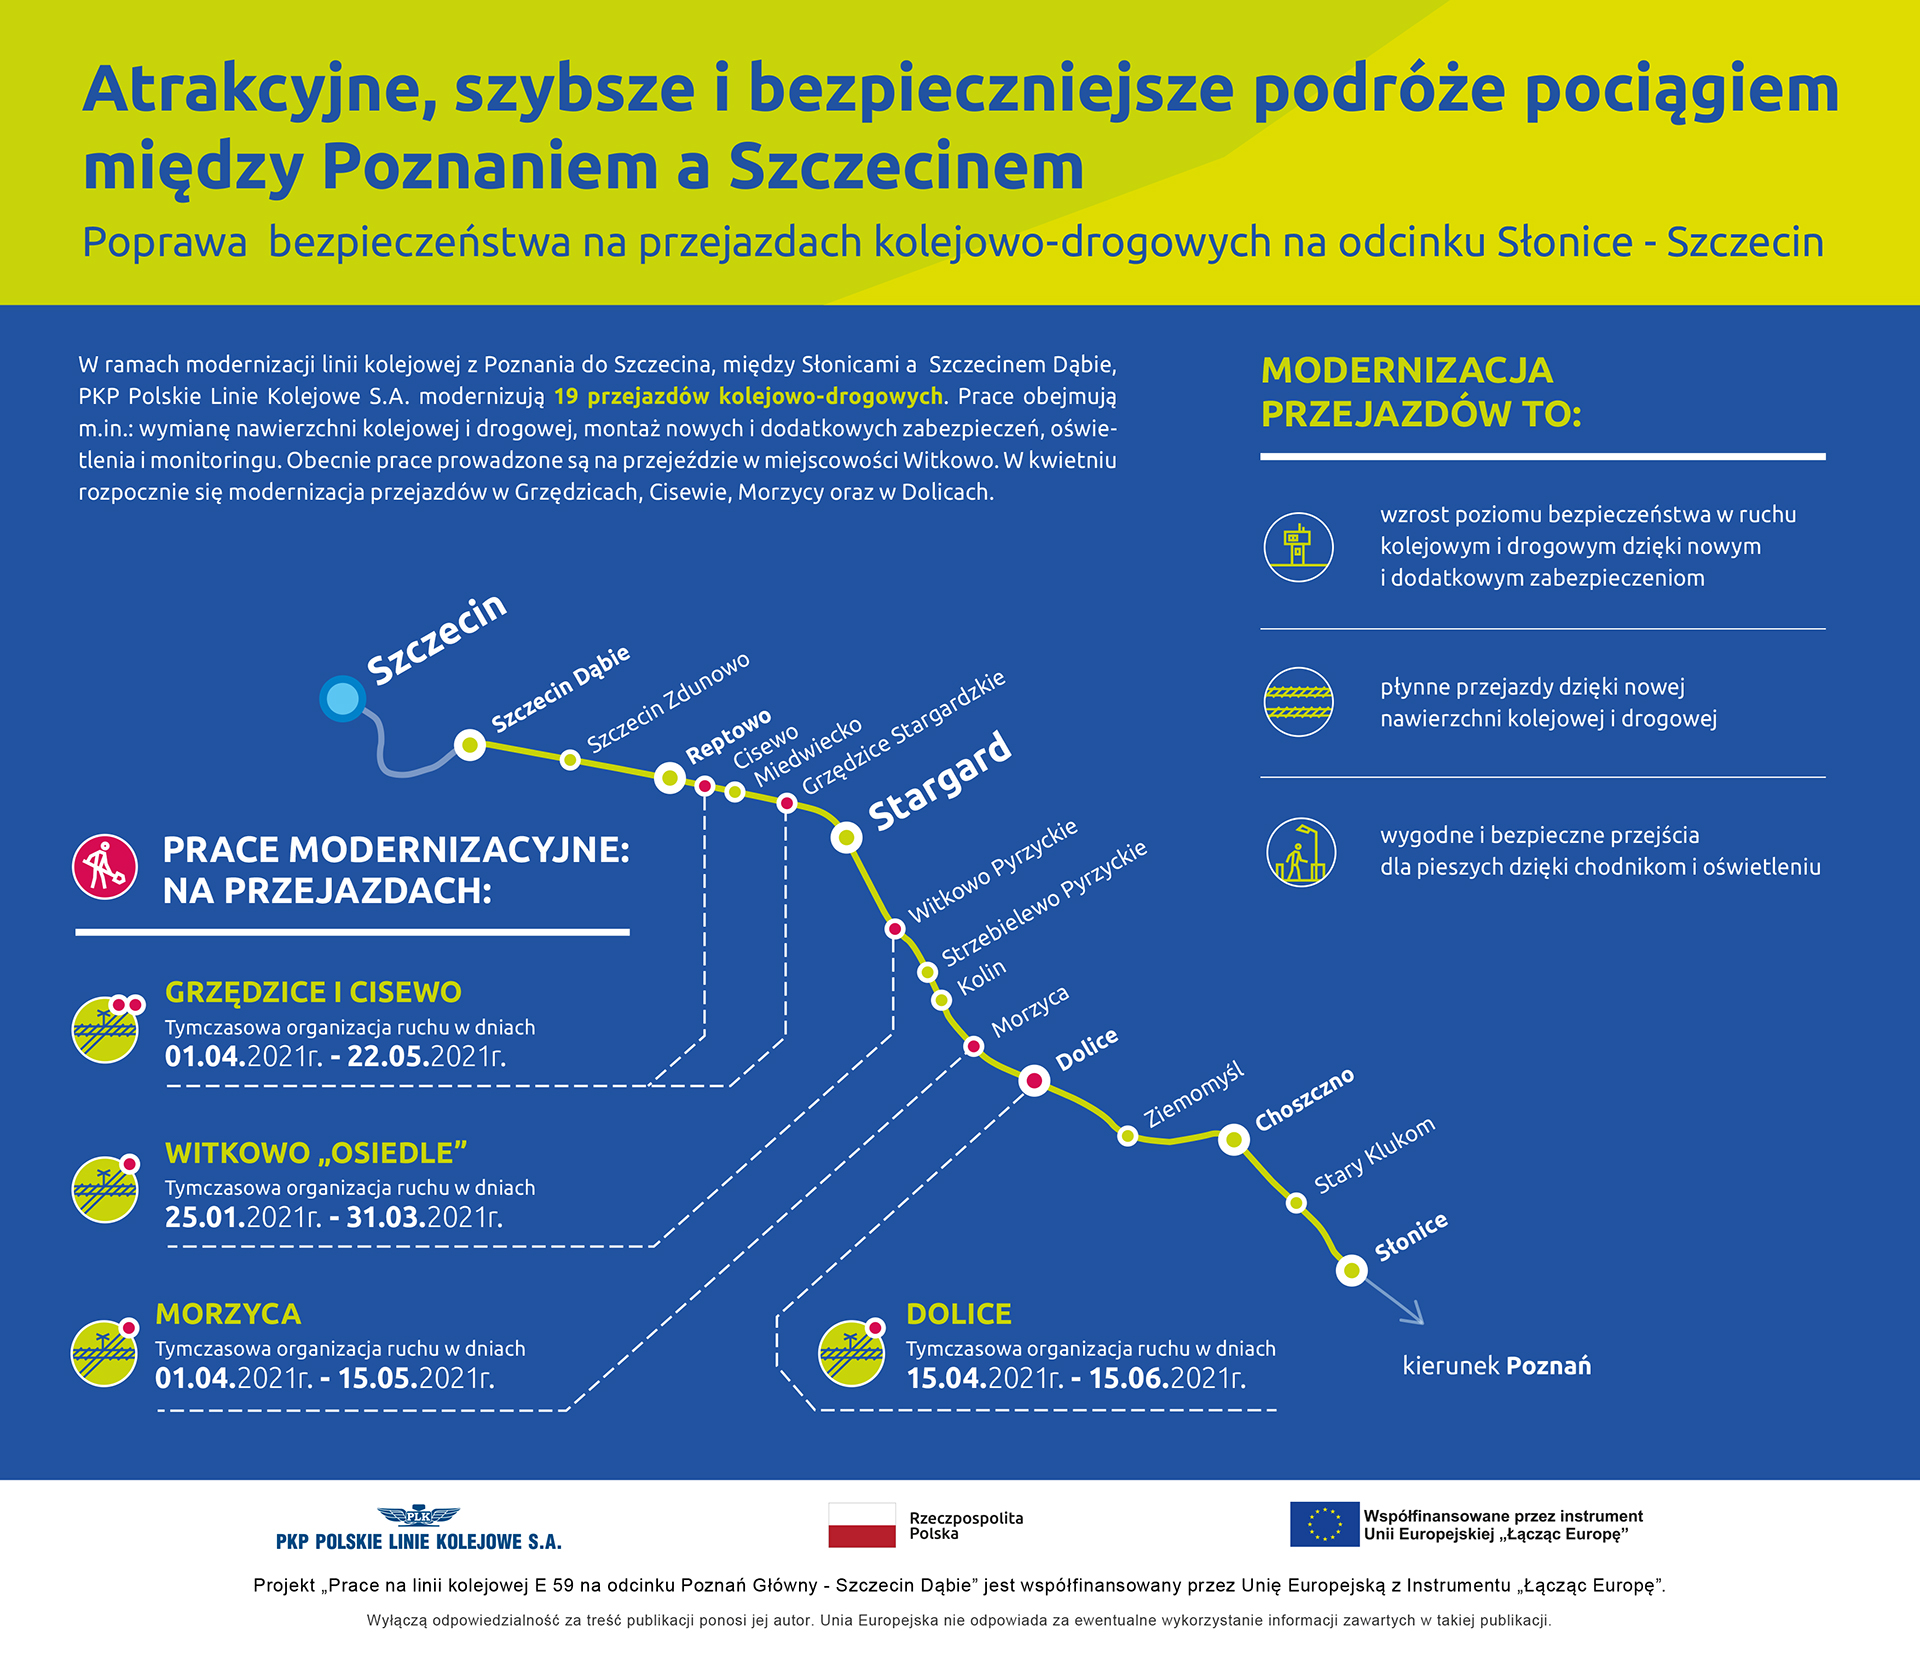 Infografika przedstawia prace modernizacyjne, które trwają w pierwszej połowie 2021 roku na przejazdach kolejowo-drogowych na odcinku Szczecin-Słonice. Odbywają się one w takich miejscowościach jak Cisewo, Grzędzice, Witkowo, Morzyca i Dolice.